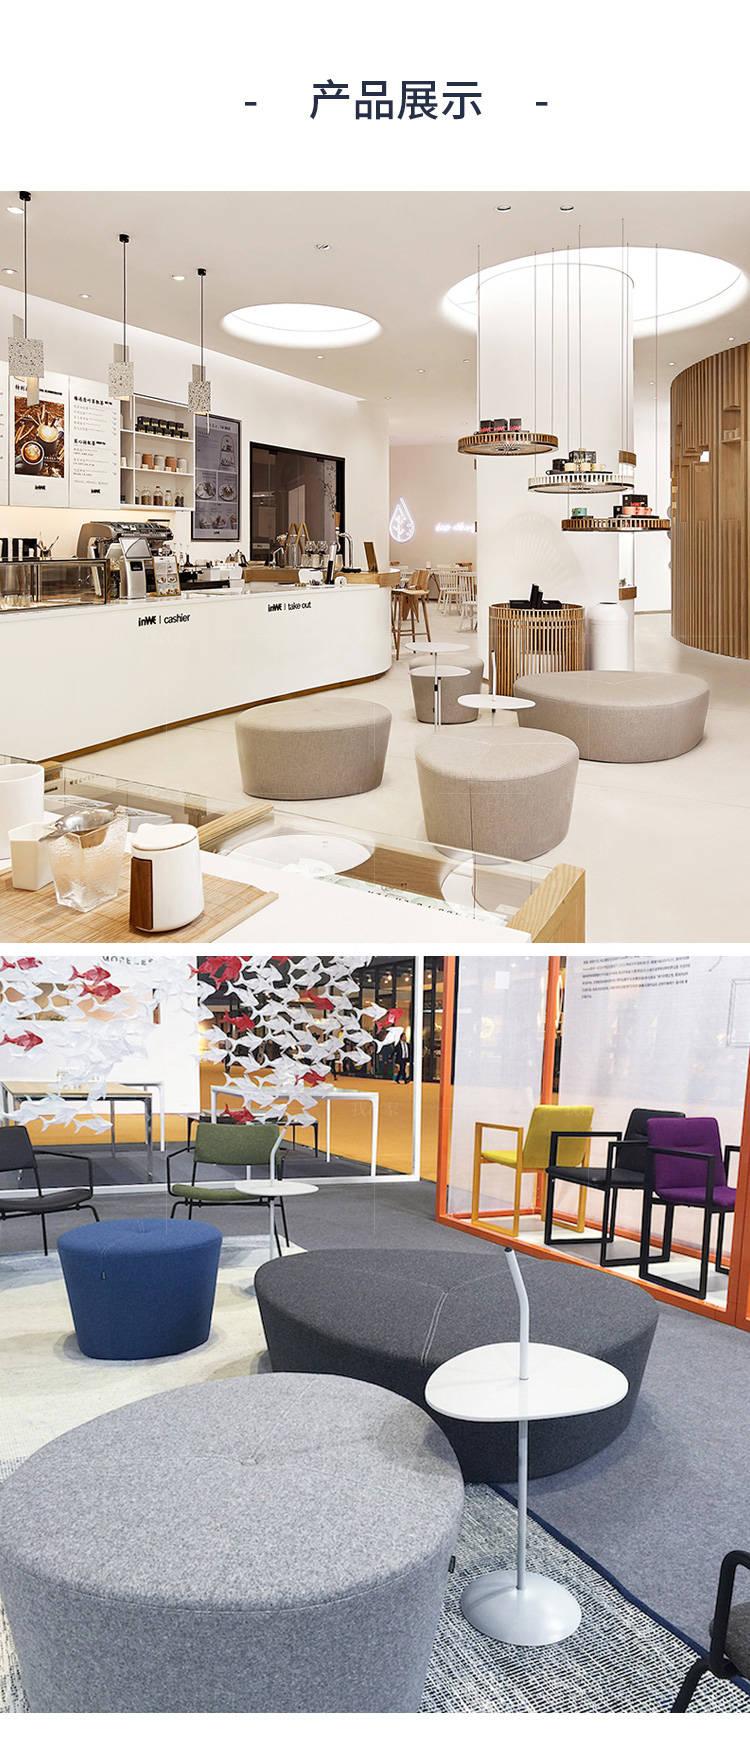 色彩北欧风格荷叶沙发的家具详细介绍